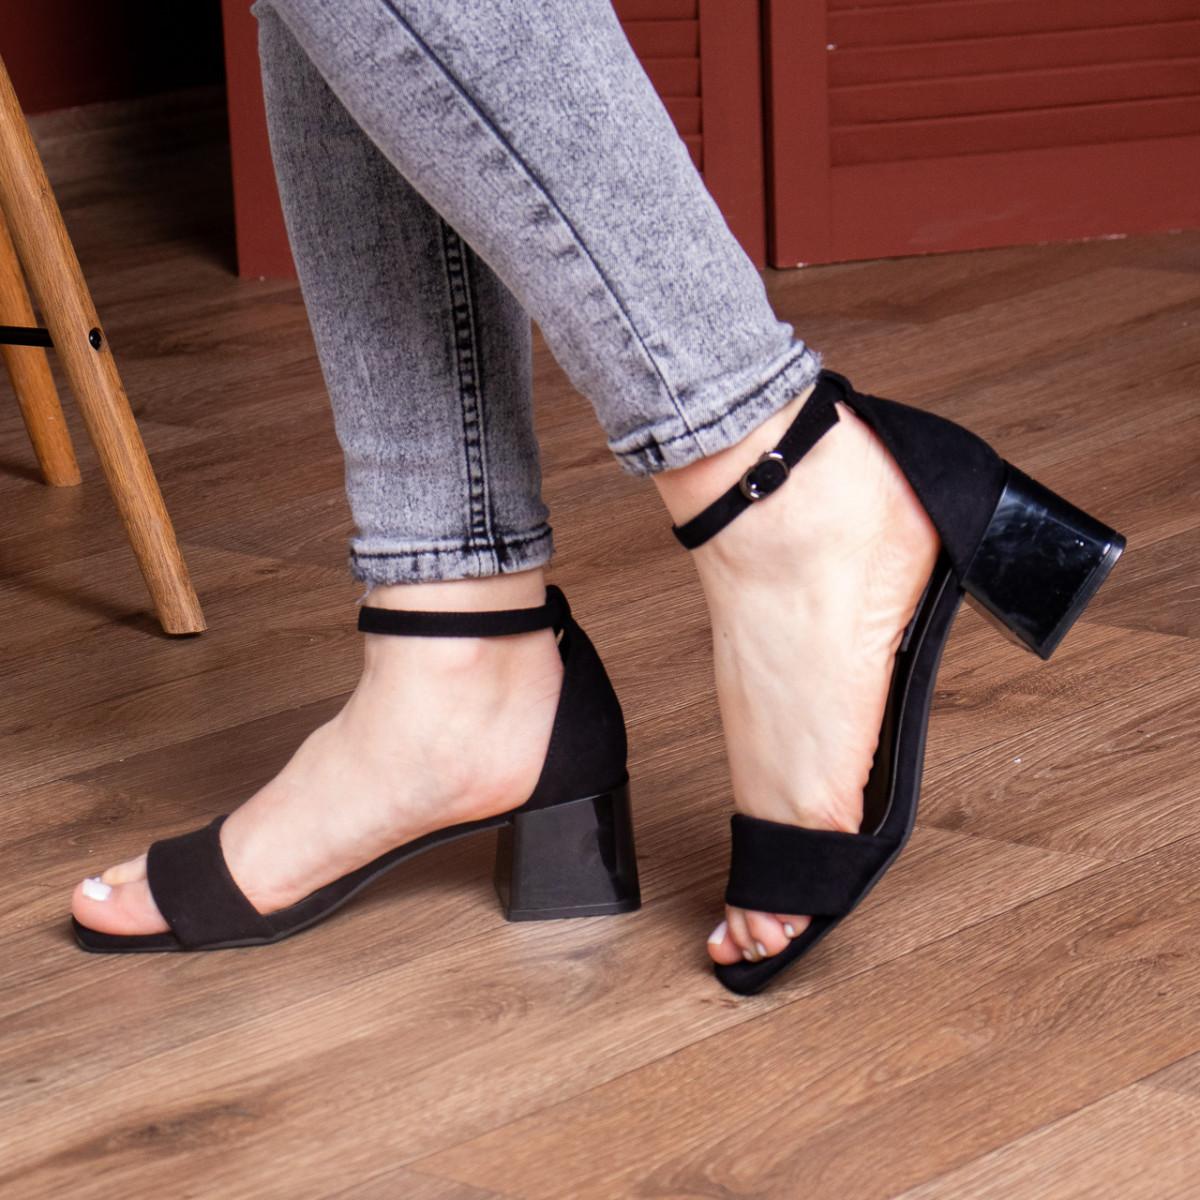 Жіночі босоніжки Fashion Halwa 2833 36 розмір, 23,5 см Чорний